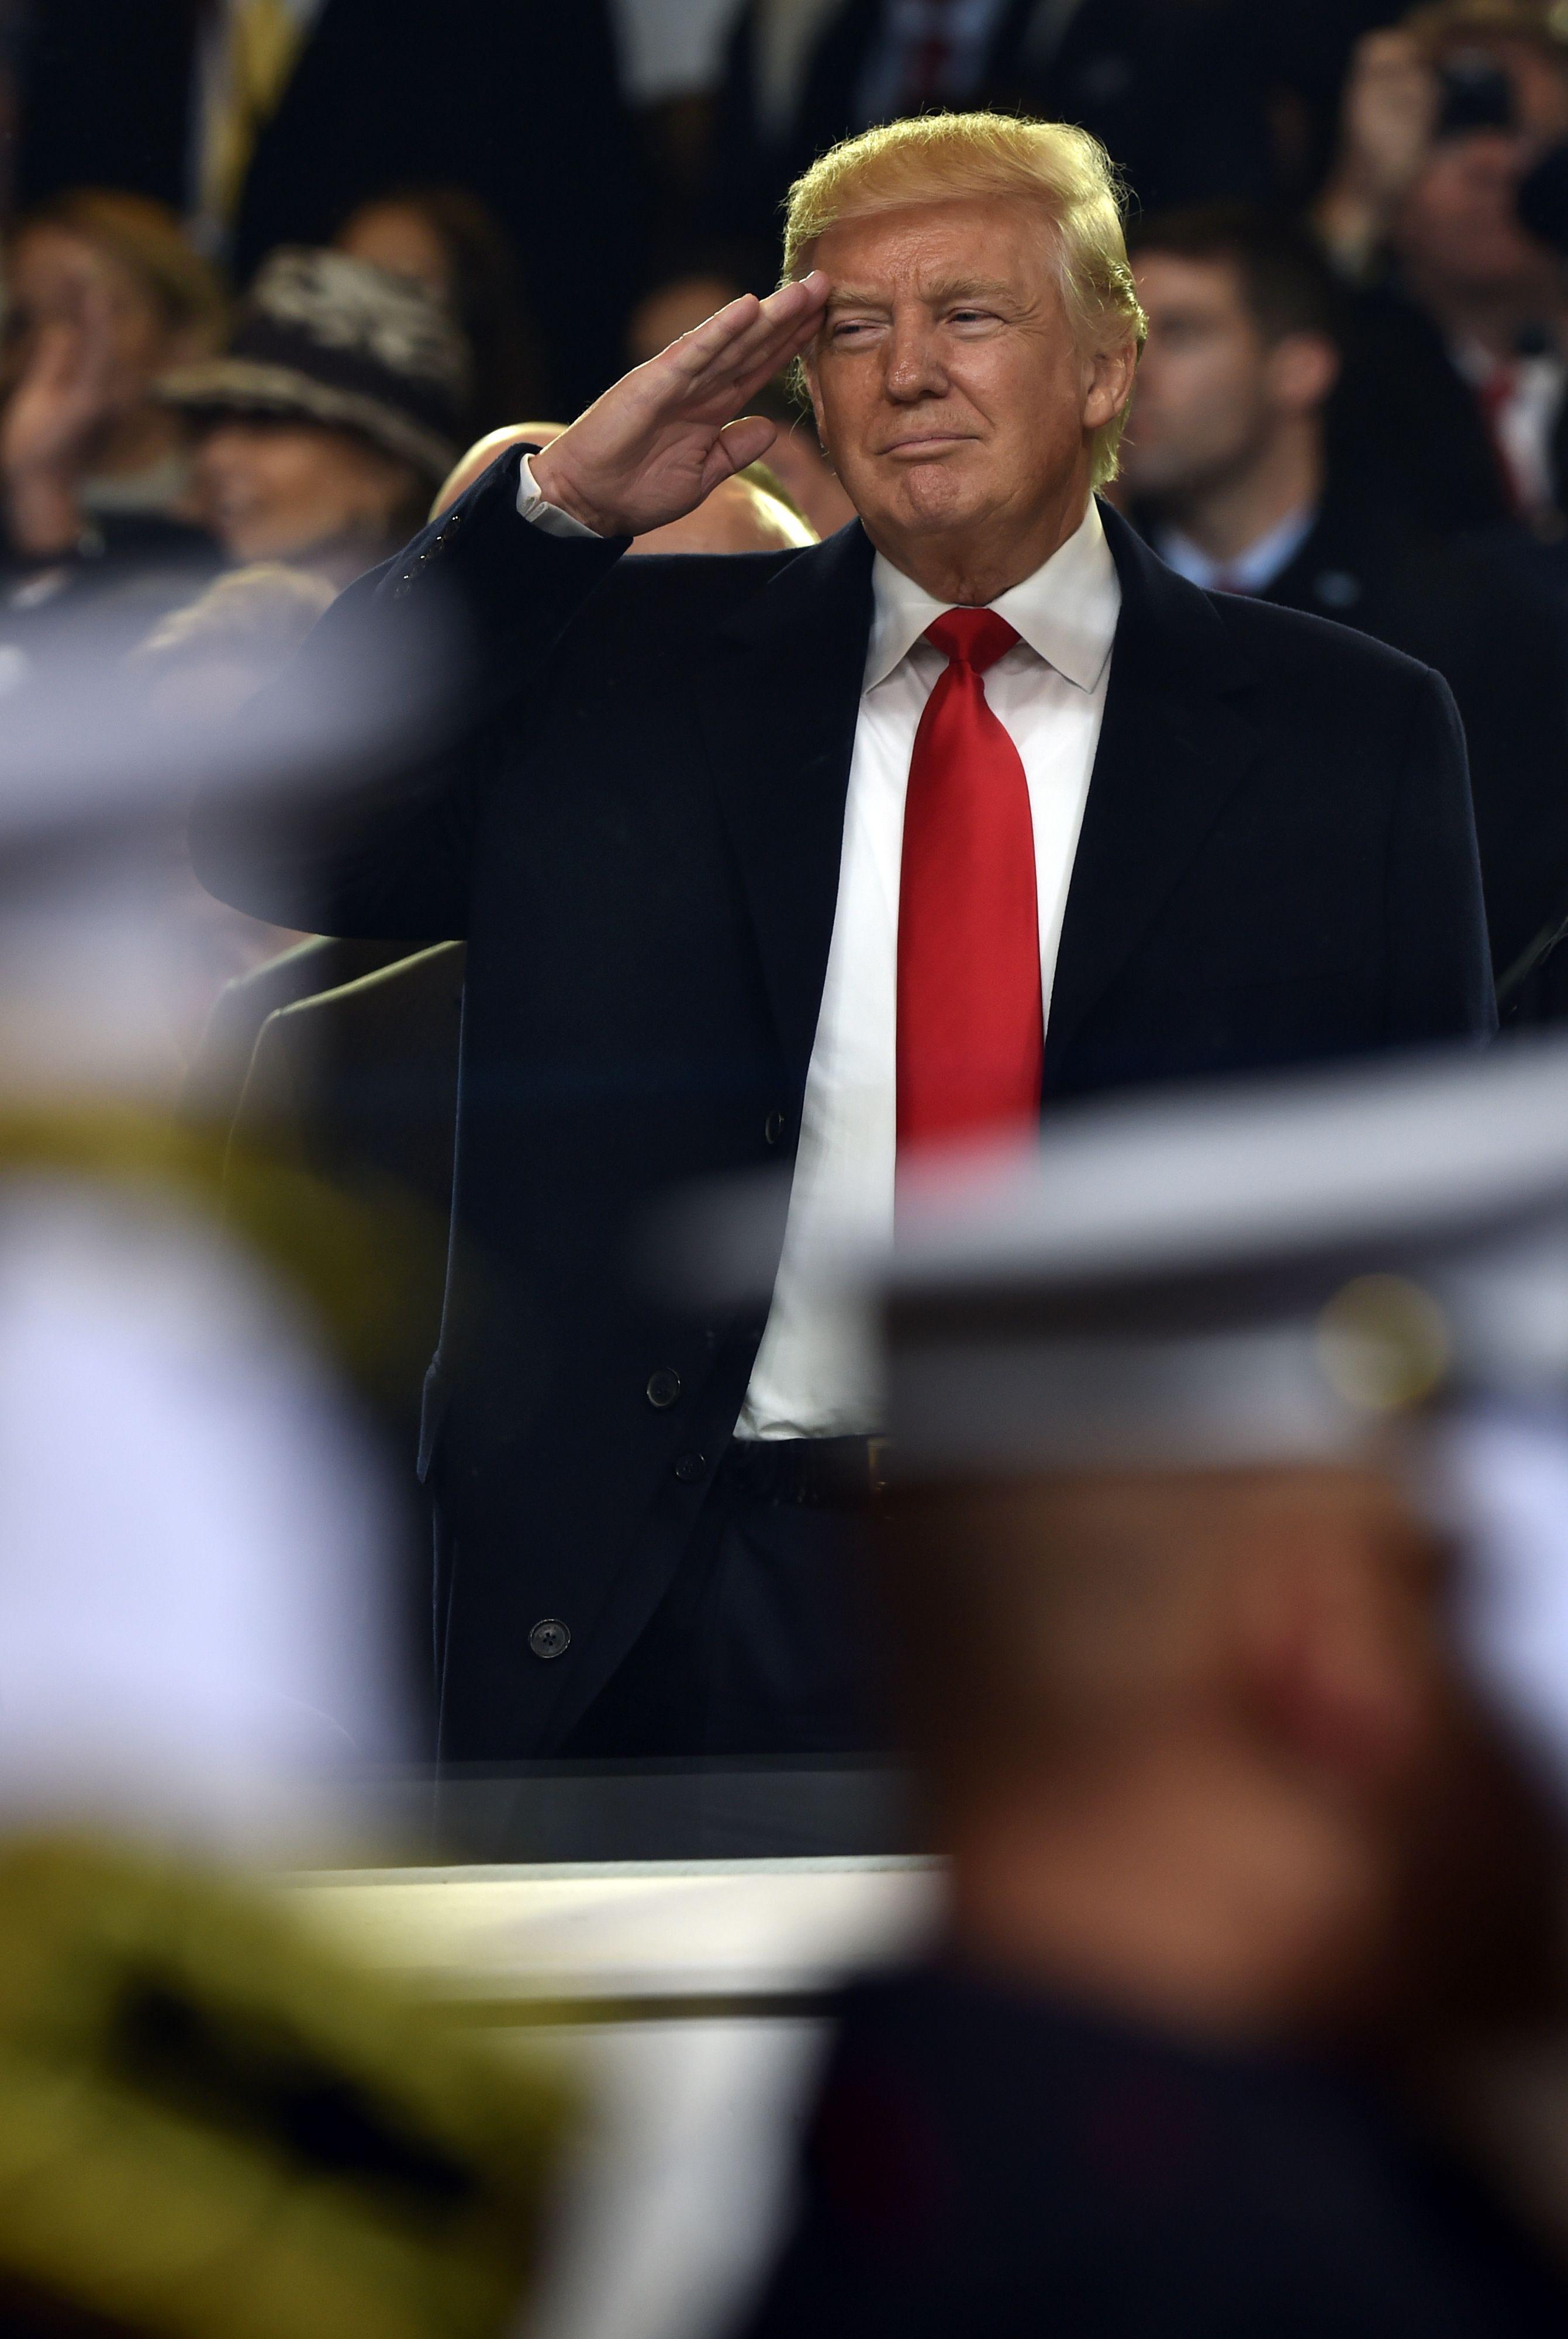 بالصور.. دونالد ترامب يؤدى التحية العسكرية للعرض العسكرى فى البيت الأبيض -  اليوم السابع